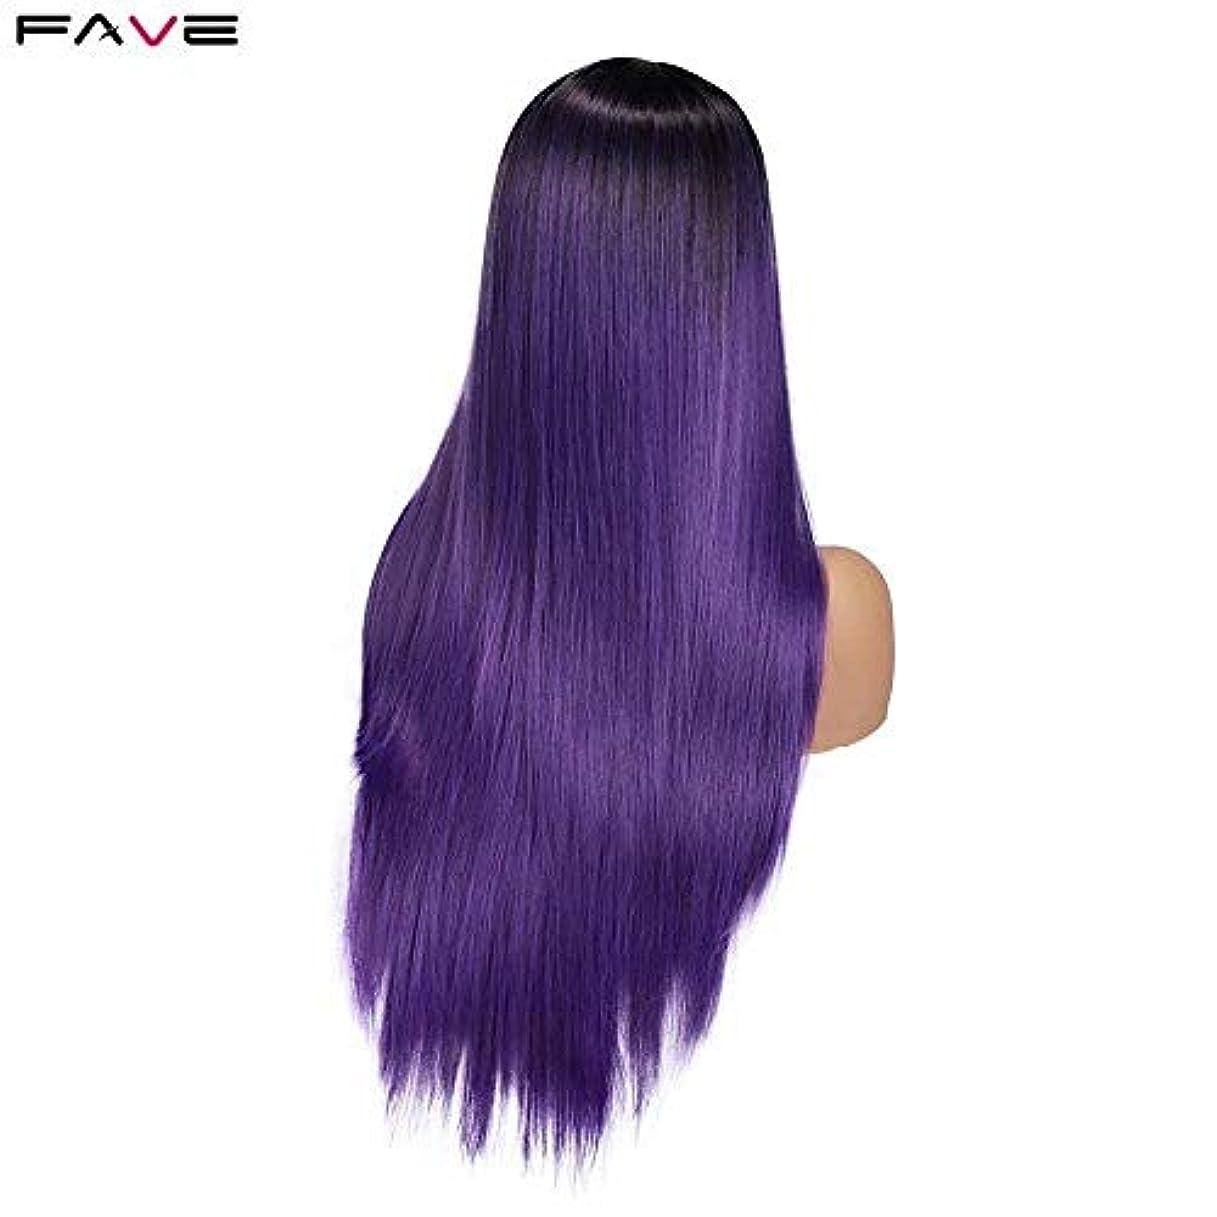 けがをするローブ寝室女性の好きなウィッグ ロングシルクストレートナチュラルブラックの合成かつらのためにブラックホワイト女性の耐熱性繊維中部ファッションヘアウィッグ (Color : Dark Purple, Stretched Length : 20inches)